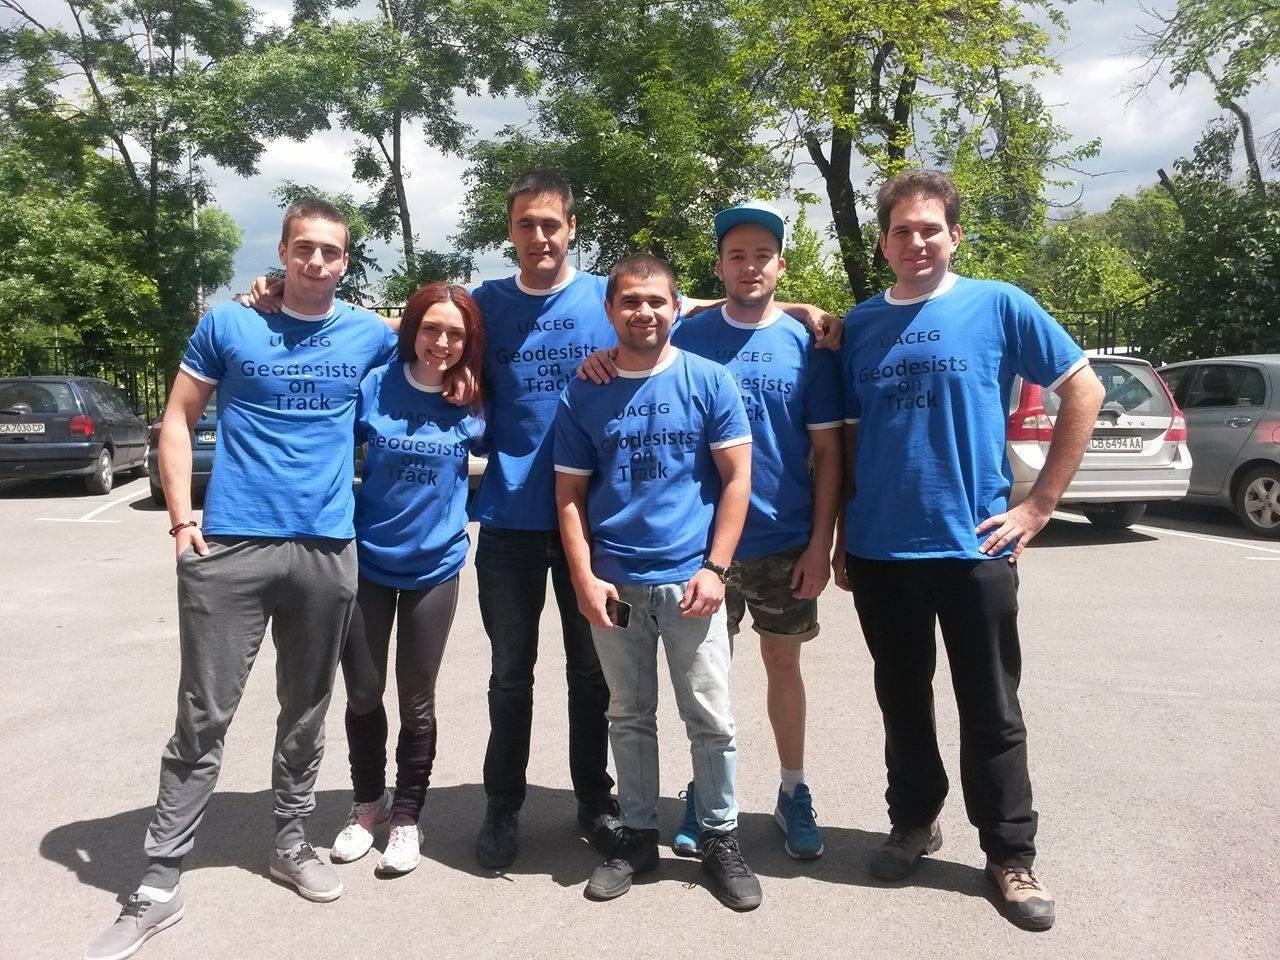 Денят на българския спорт се провежда с участието на студенти по геодезия